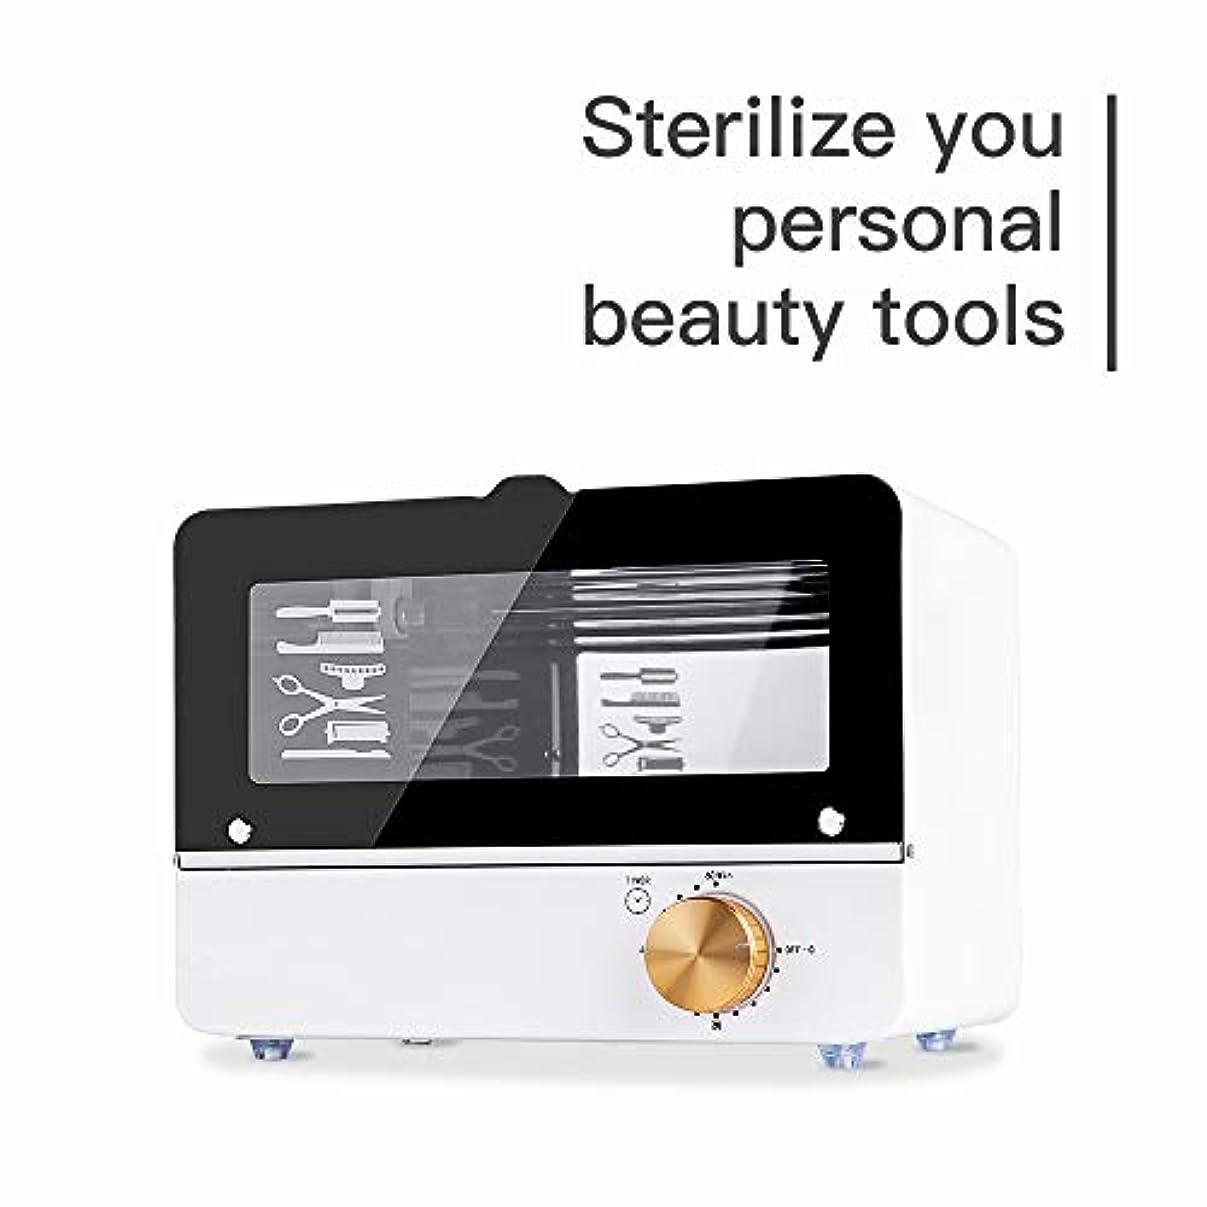 動物腕中国高温滅菌マニキュアツール、美容ネイルメタルツールのためのUV消毒ボックス収納ケース、殺菌された細菌99.9%